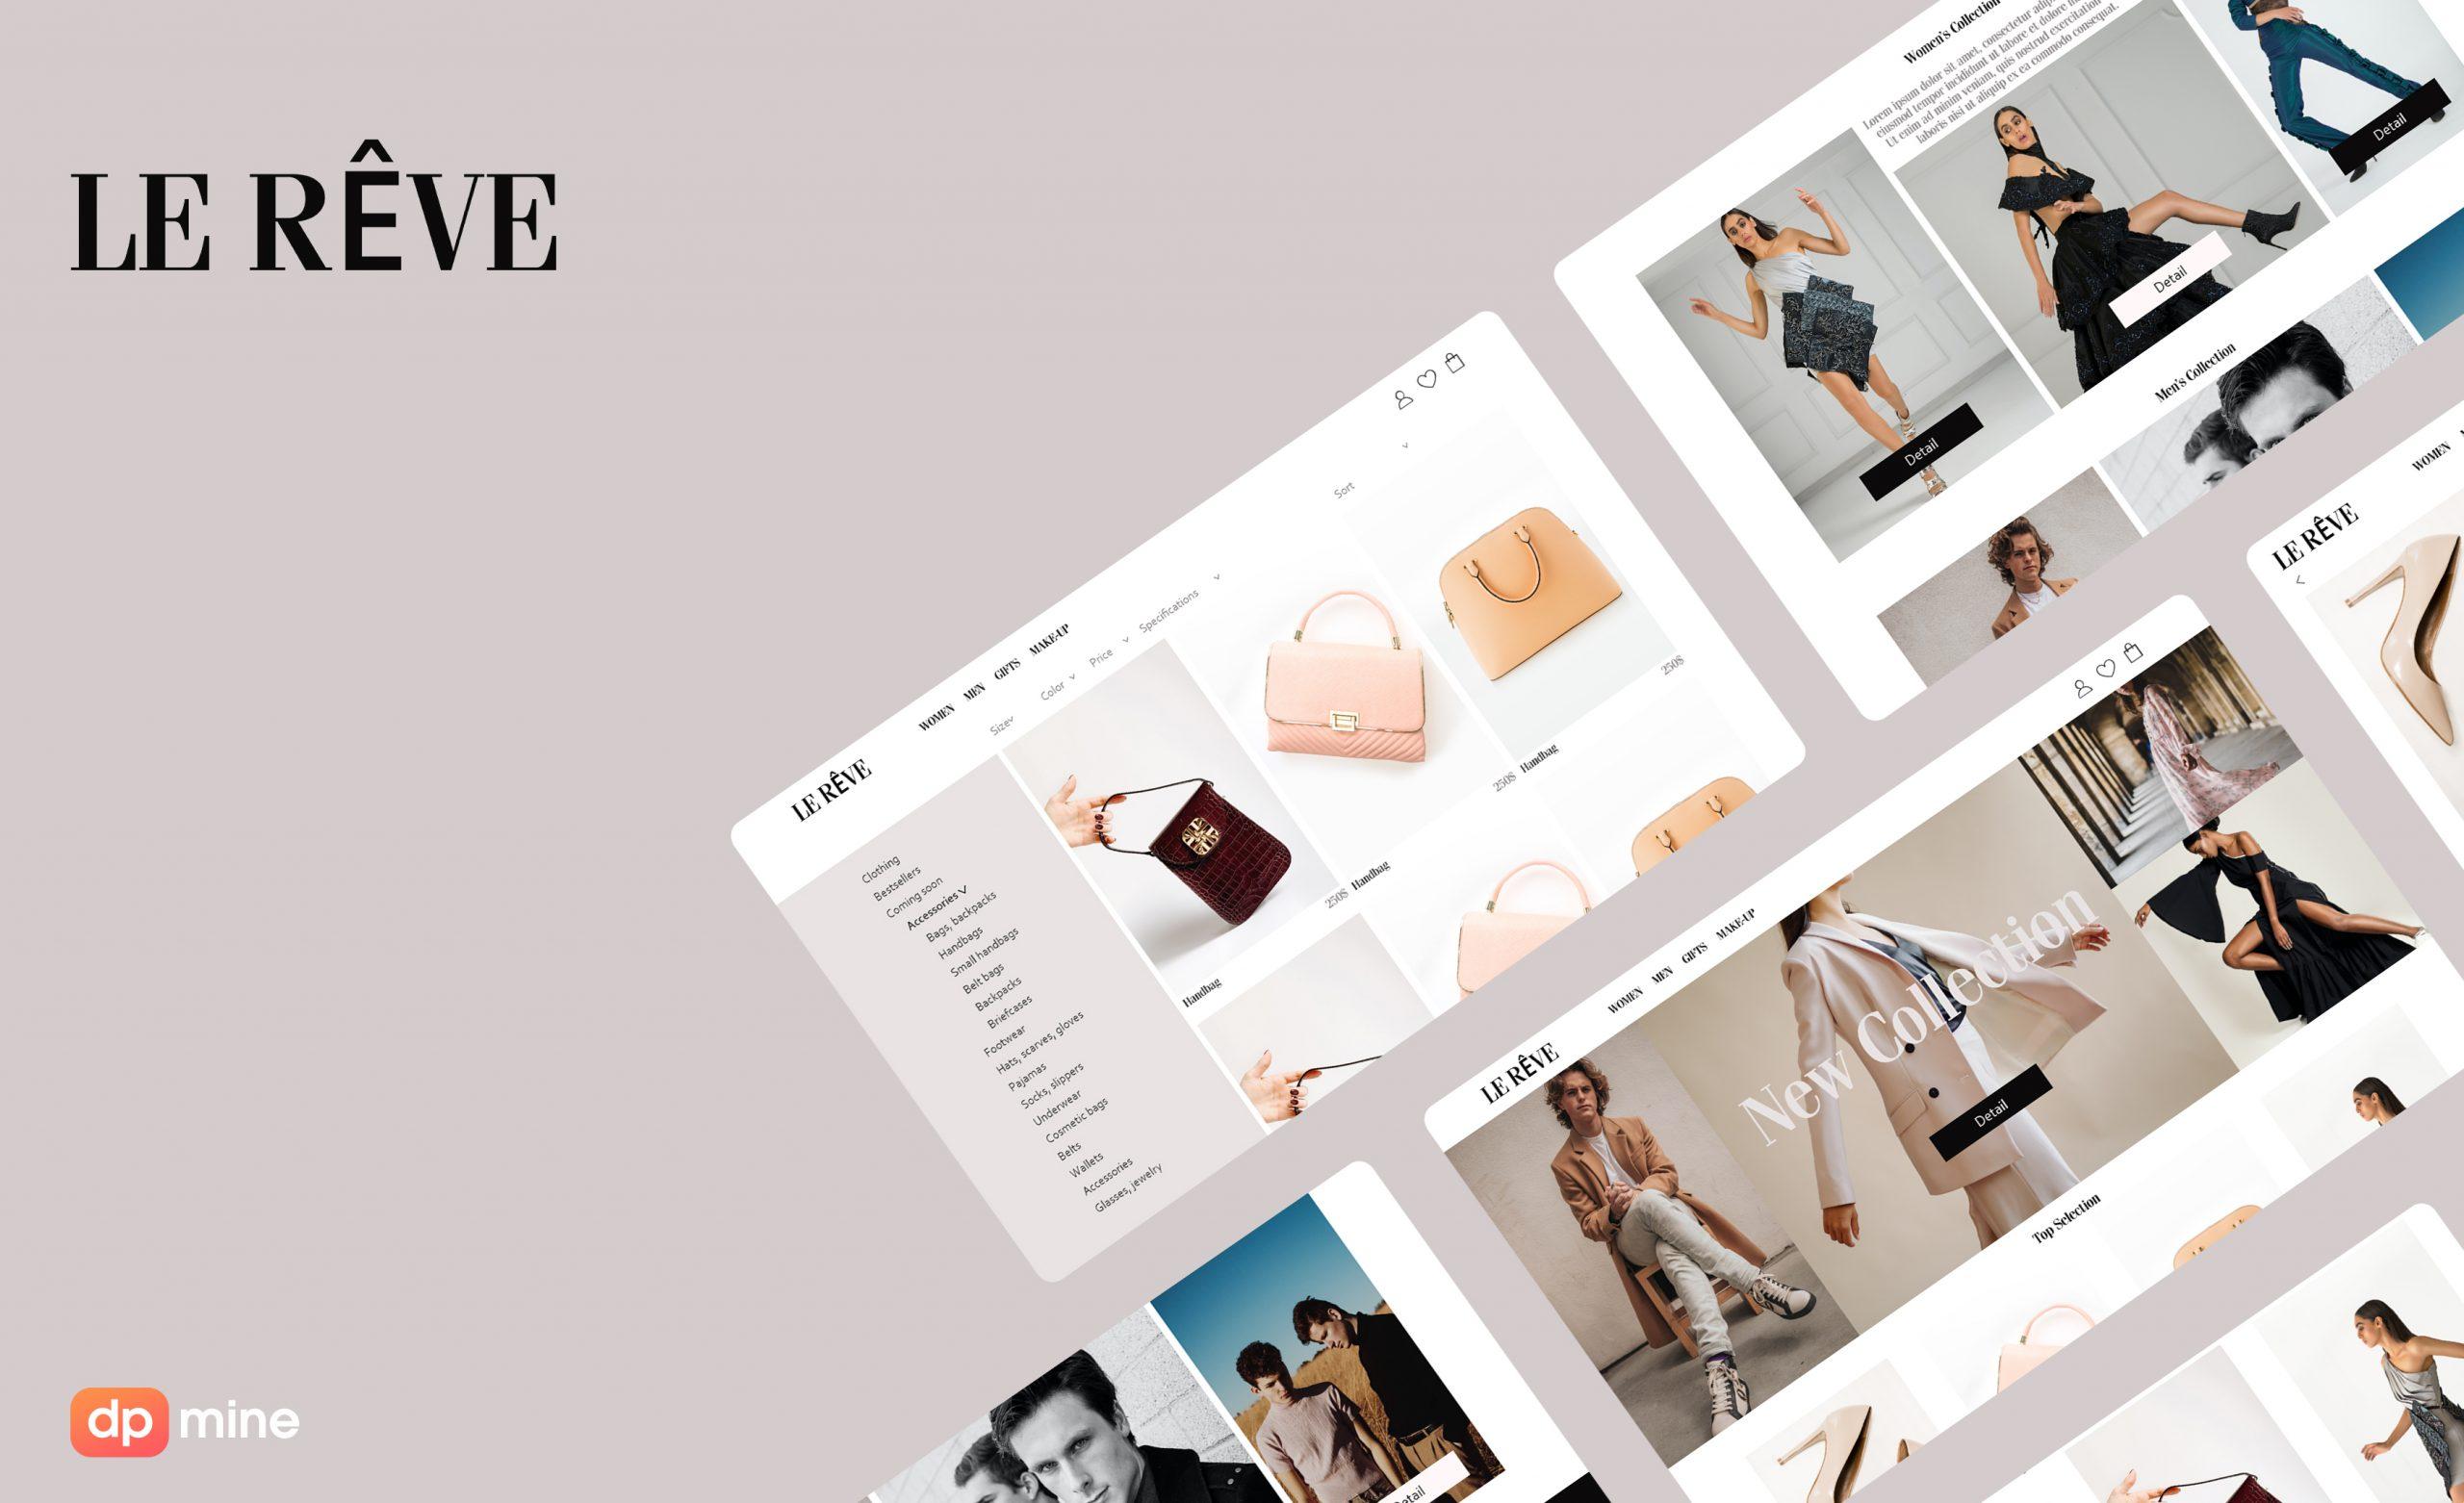 Создание и разработка сайтов от веб-студии dpmine.com.ua, заказать сайт с нуля недорого под ключ в https://www.dpmine.com.ua/ - dpmine.com.ua